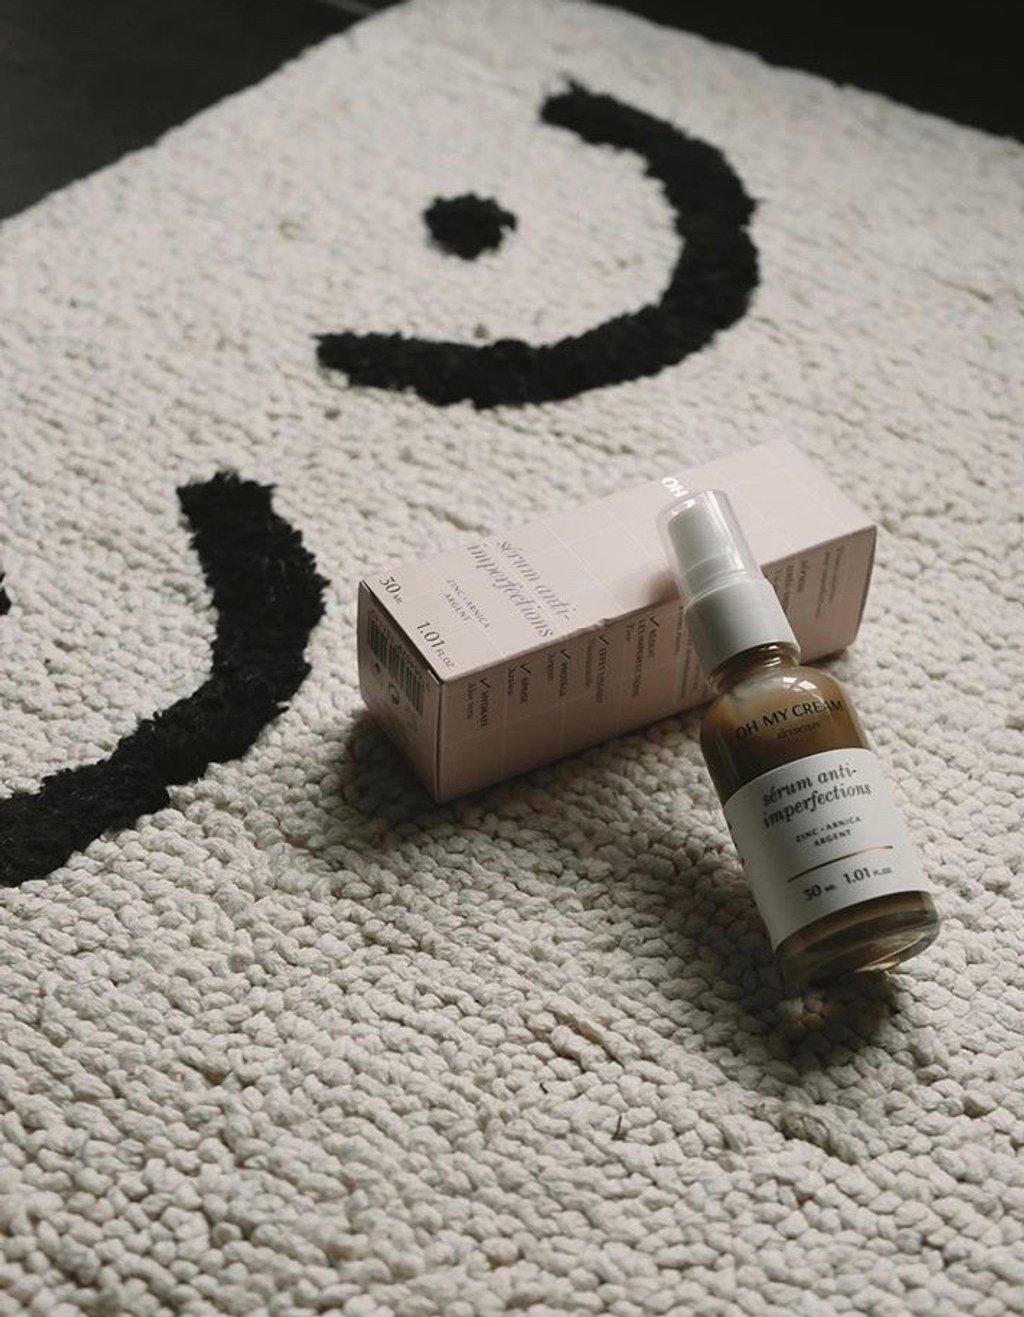 Image représentant un produit cosmétique , le tout est posé sur un tapis qui a un dessin de poitrine  de femme